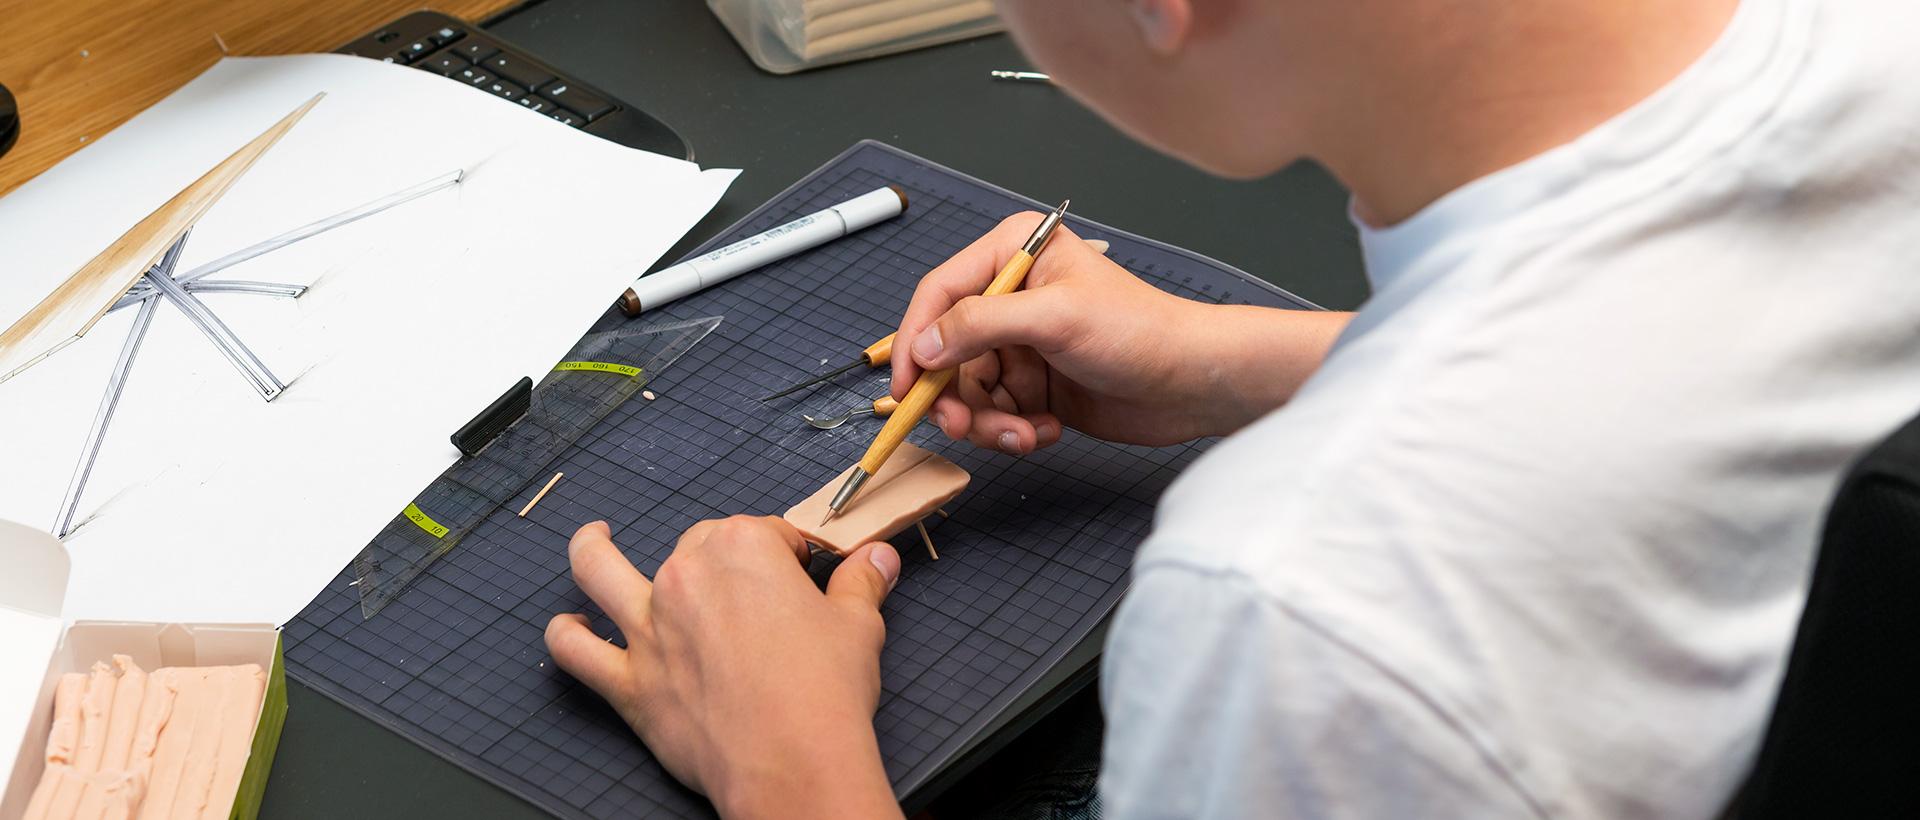 Praktikum im Produktdesign bei Wimmer Wohnkollektionen - eigene Entwürfe ausarbeiten